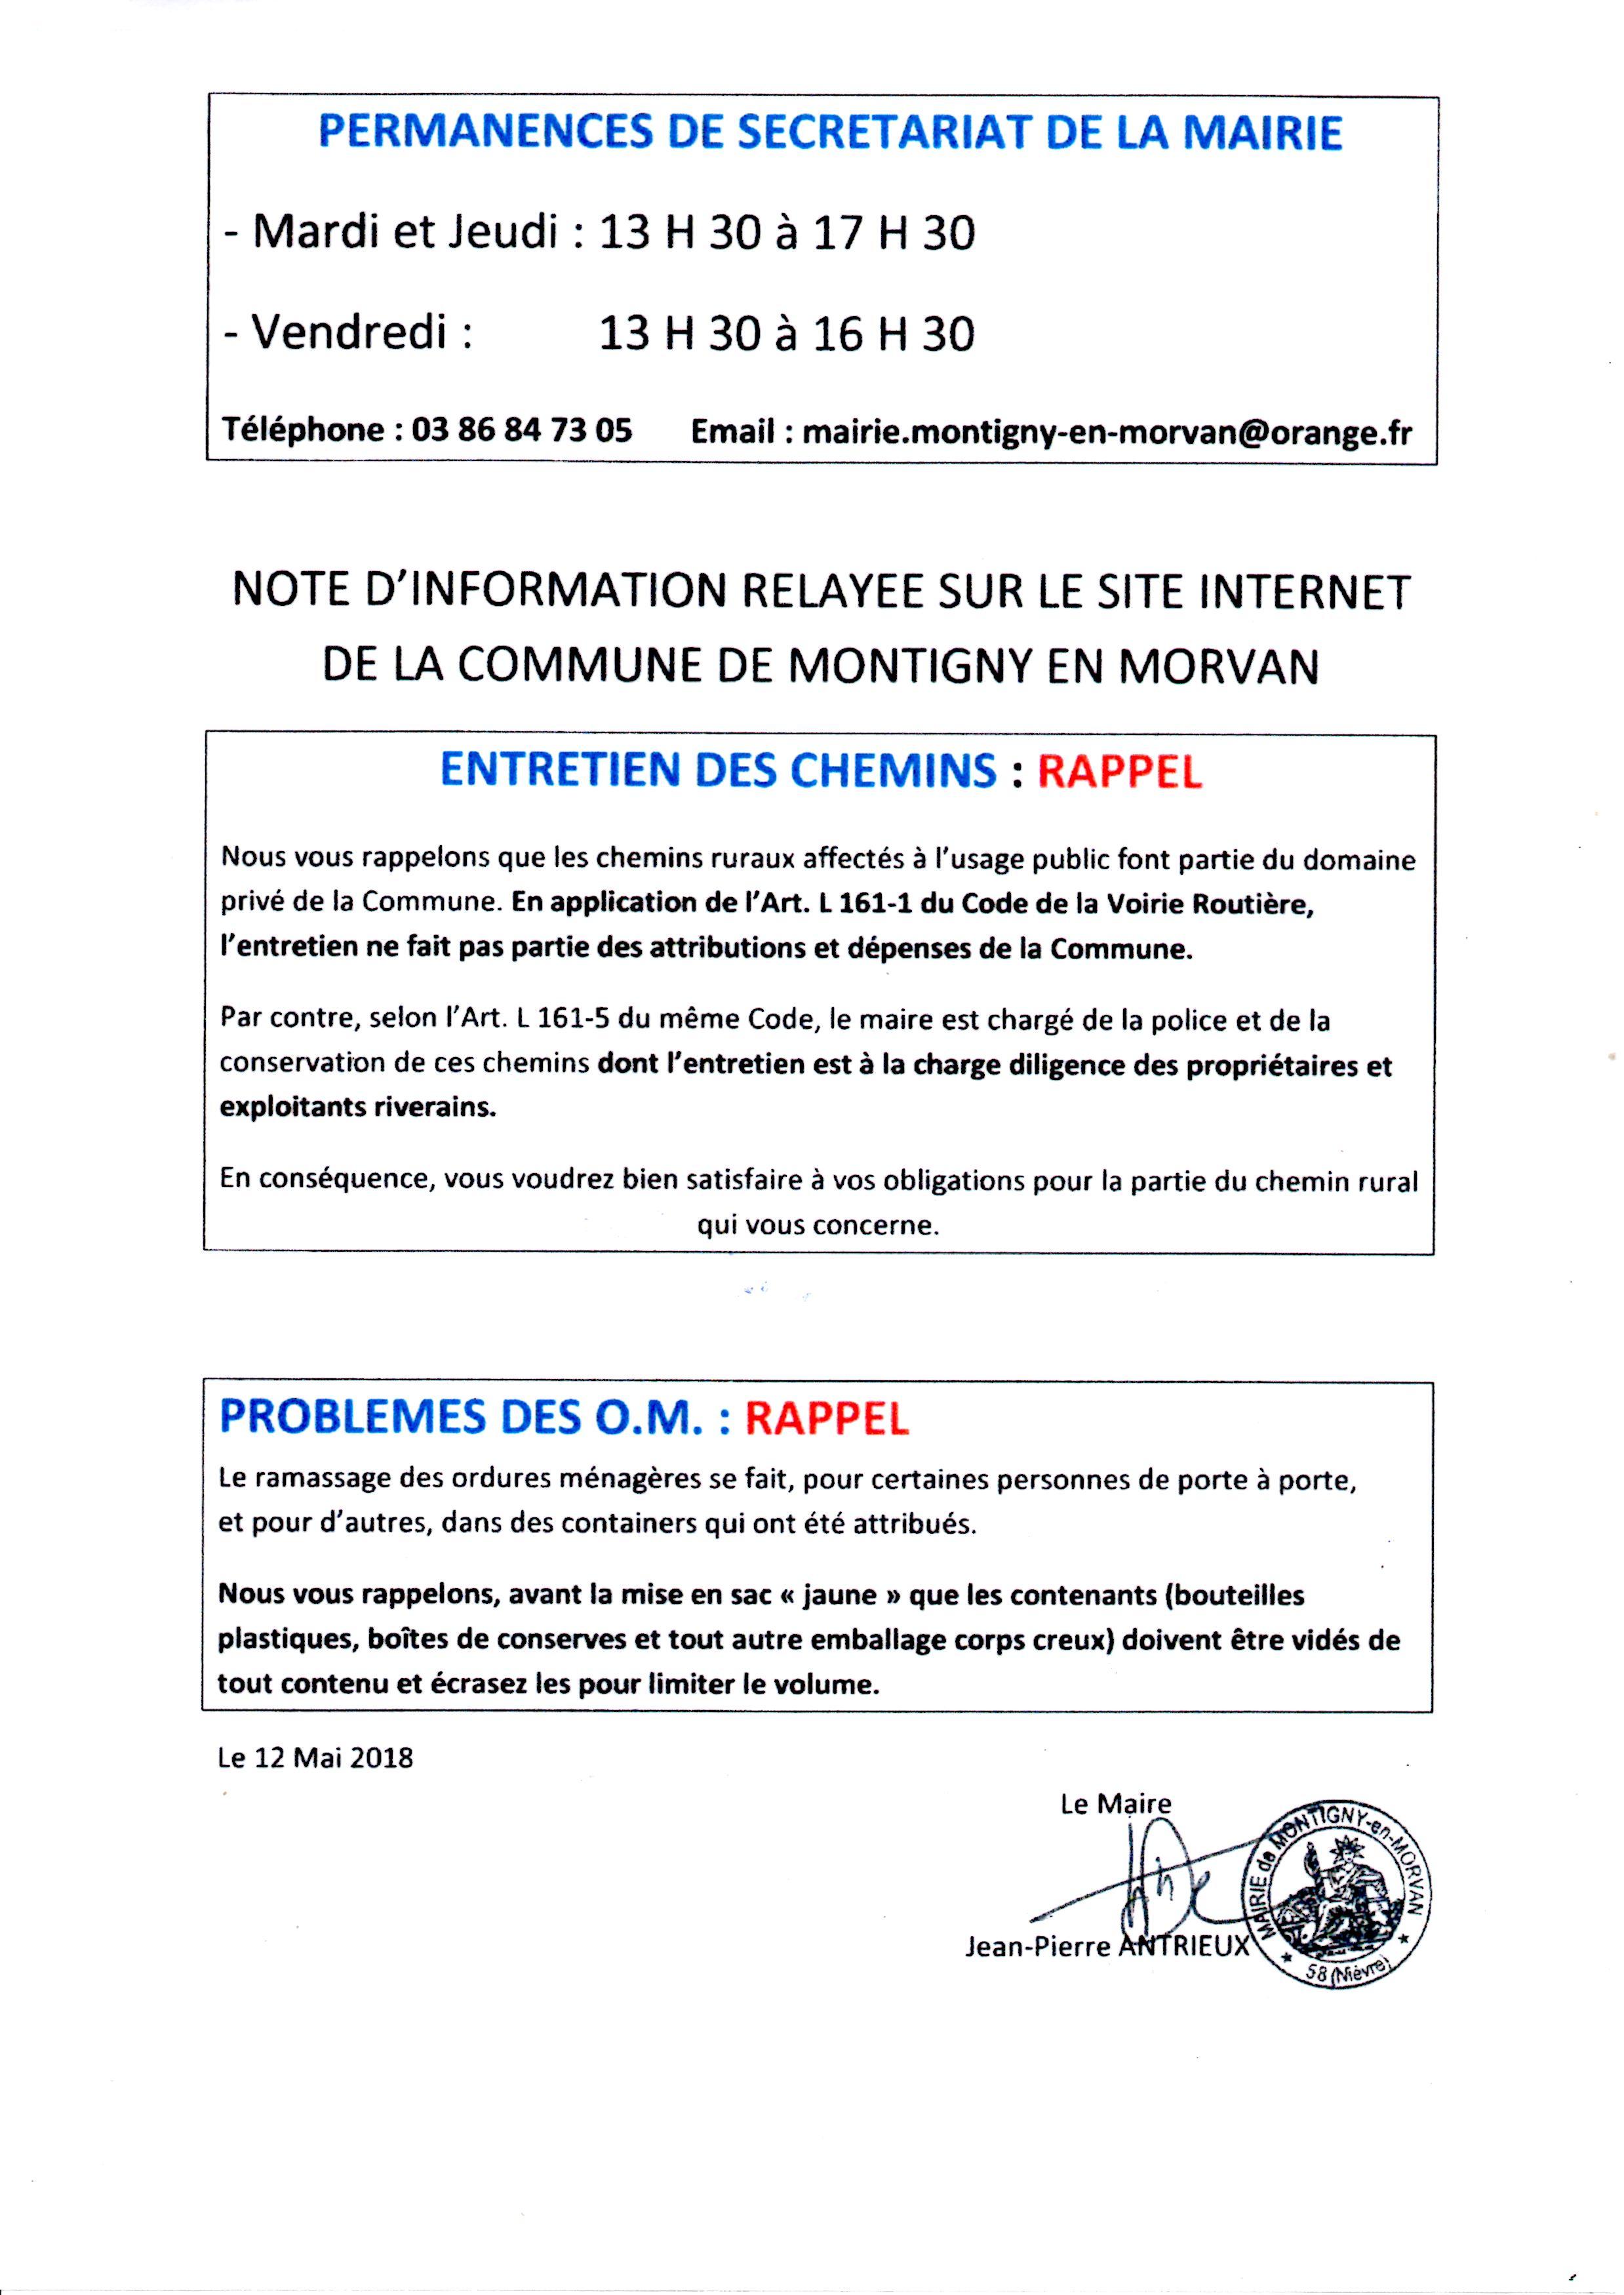 20180623-rappel Chemins et OM